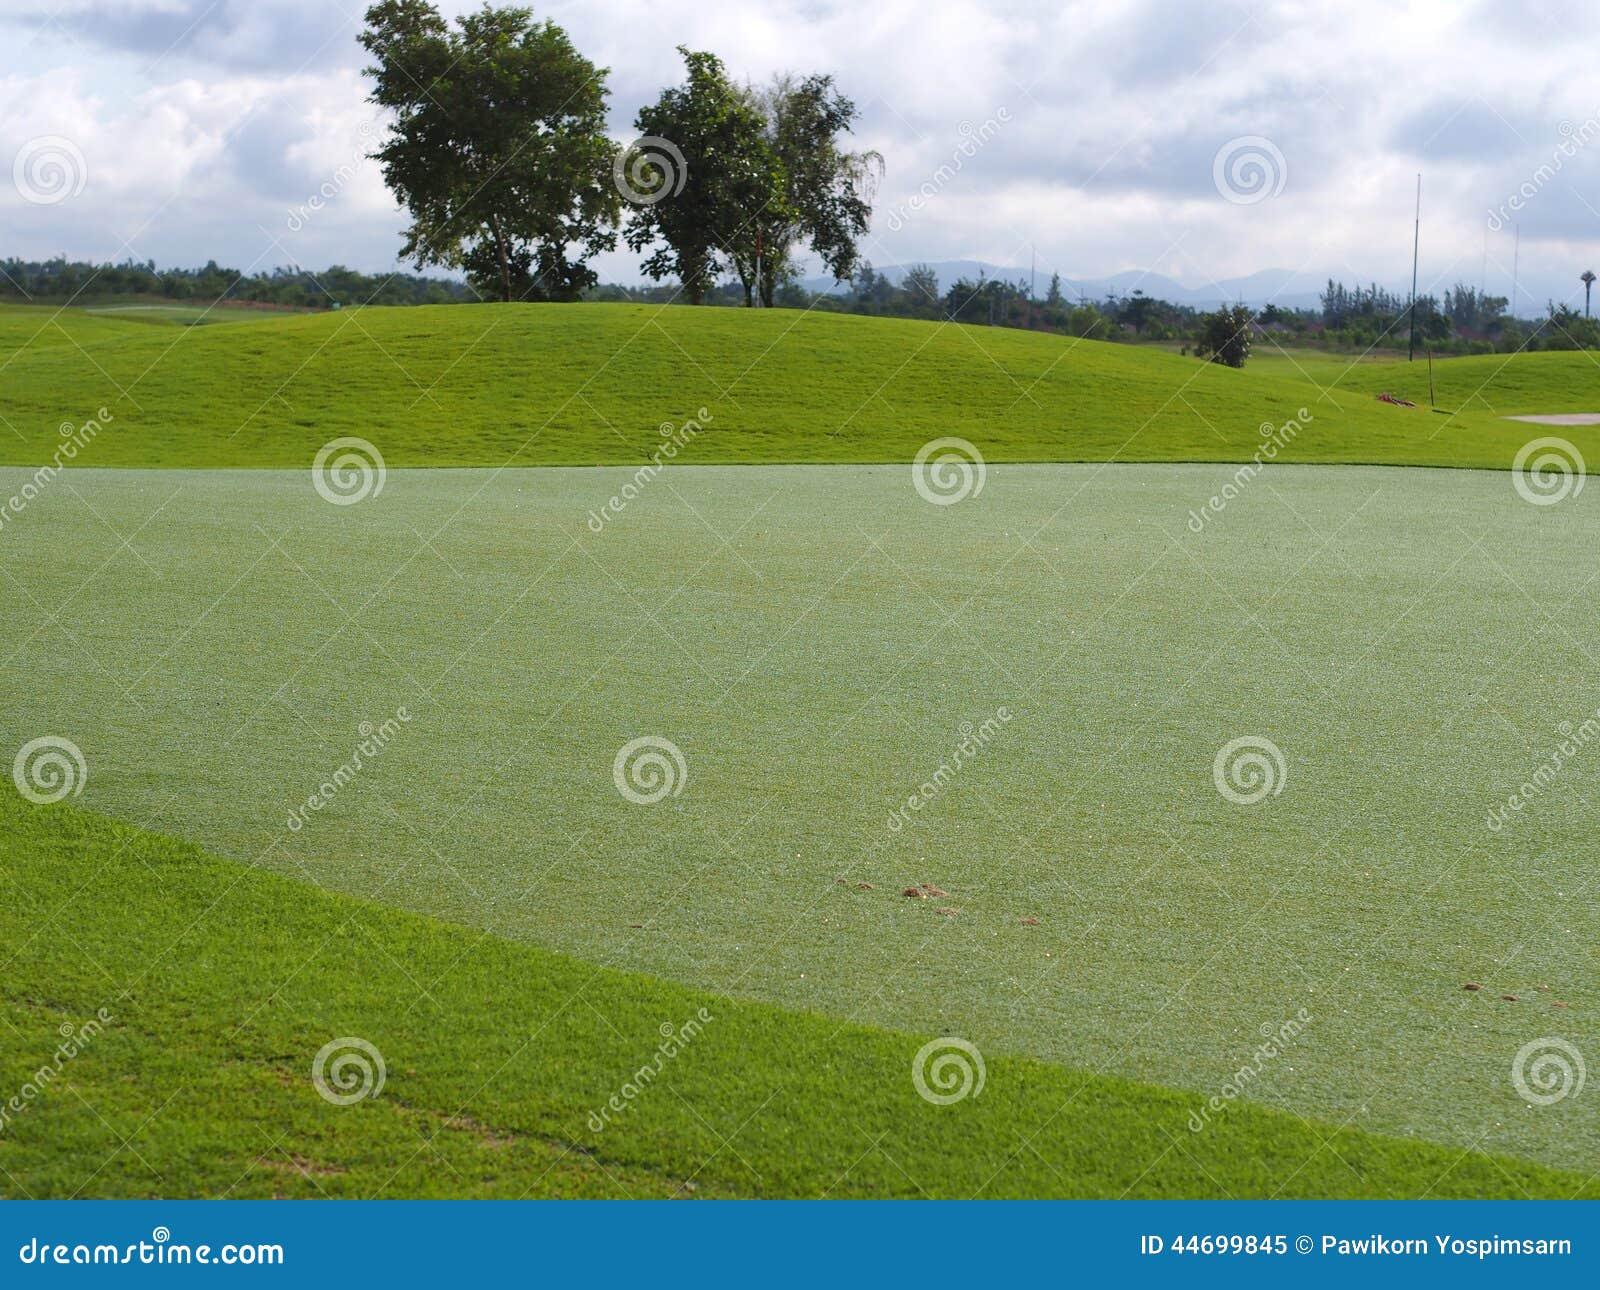 Césped del putting green en campo de golf